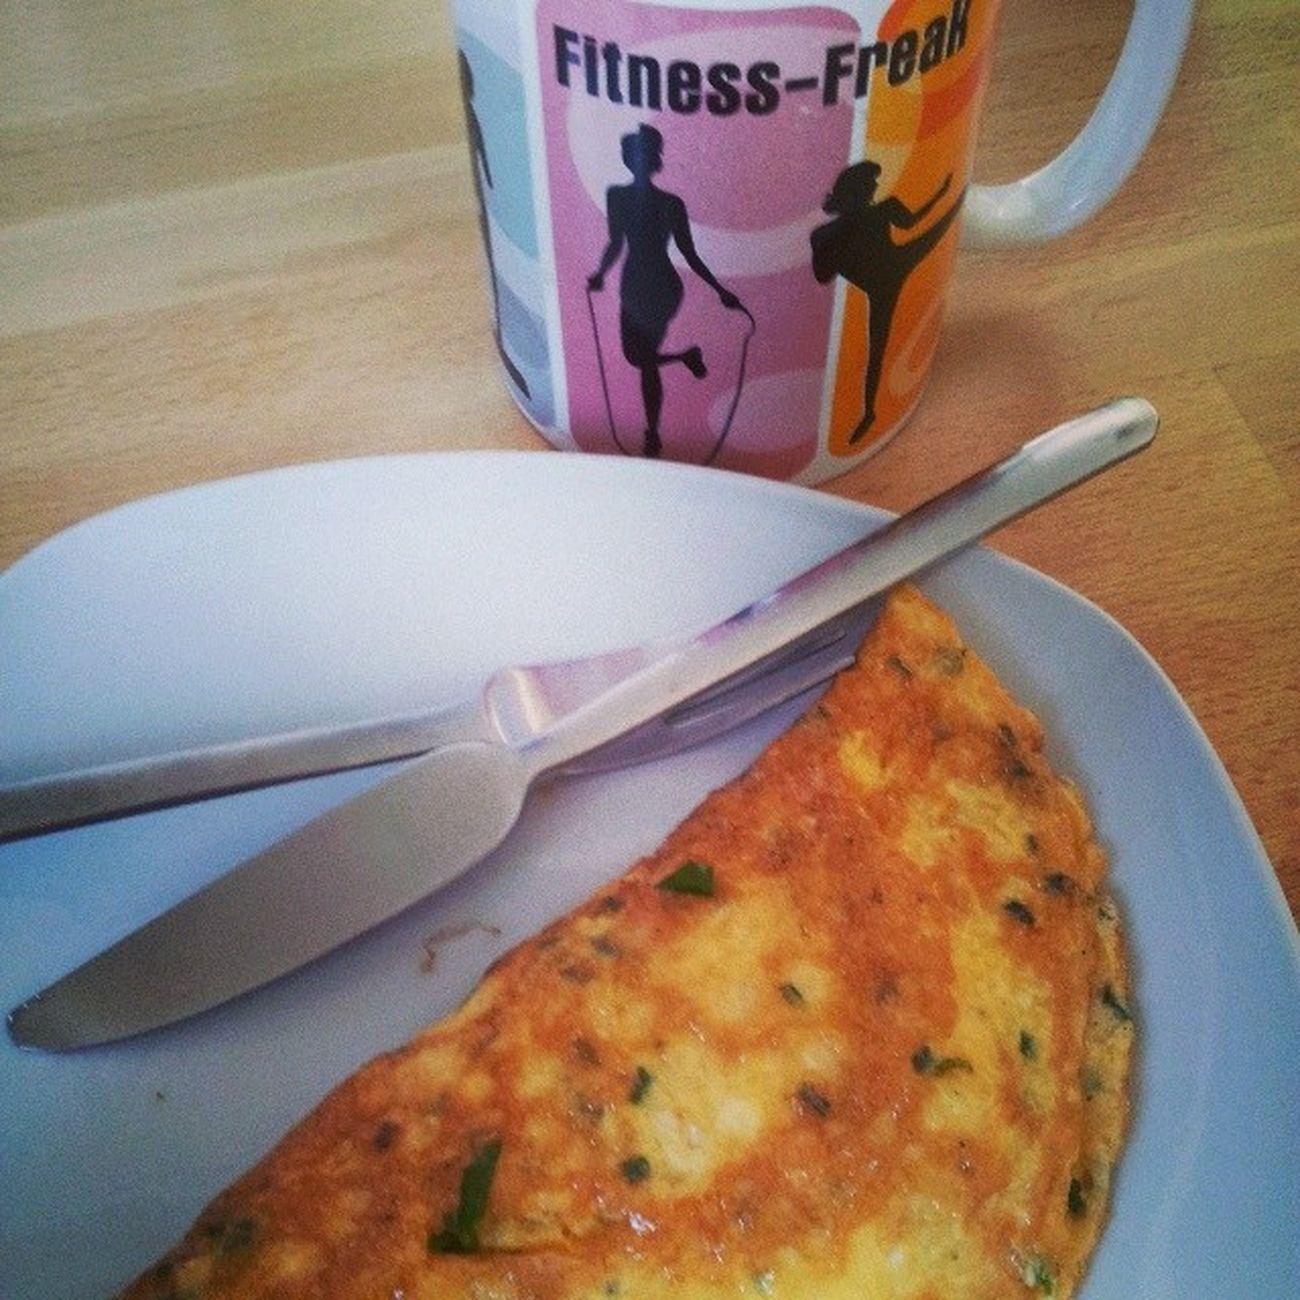 FR ühstück Omelett von meinem Schatz gemacht dazu Kaffee in meiner lieblingstasse fitnessfreak